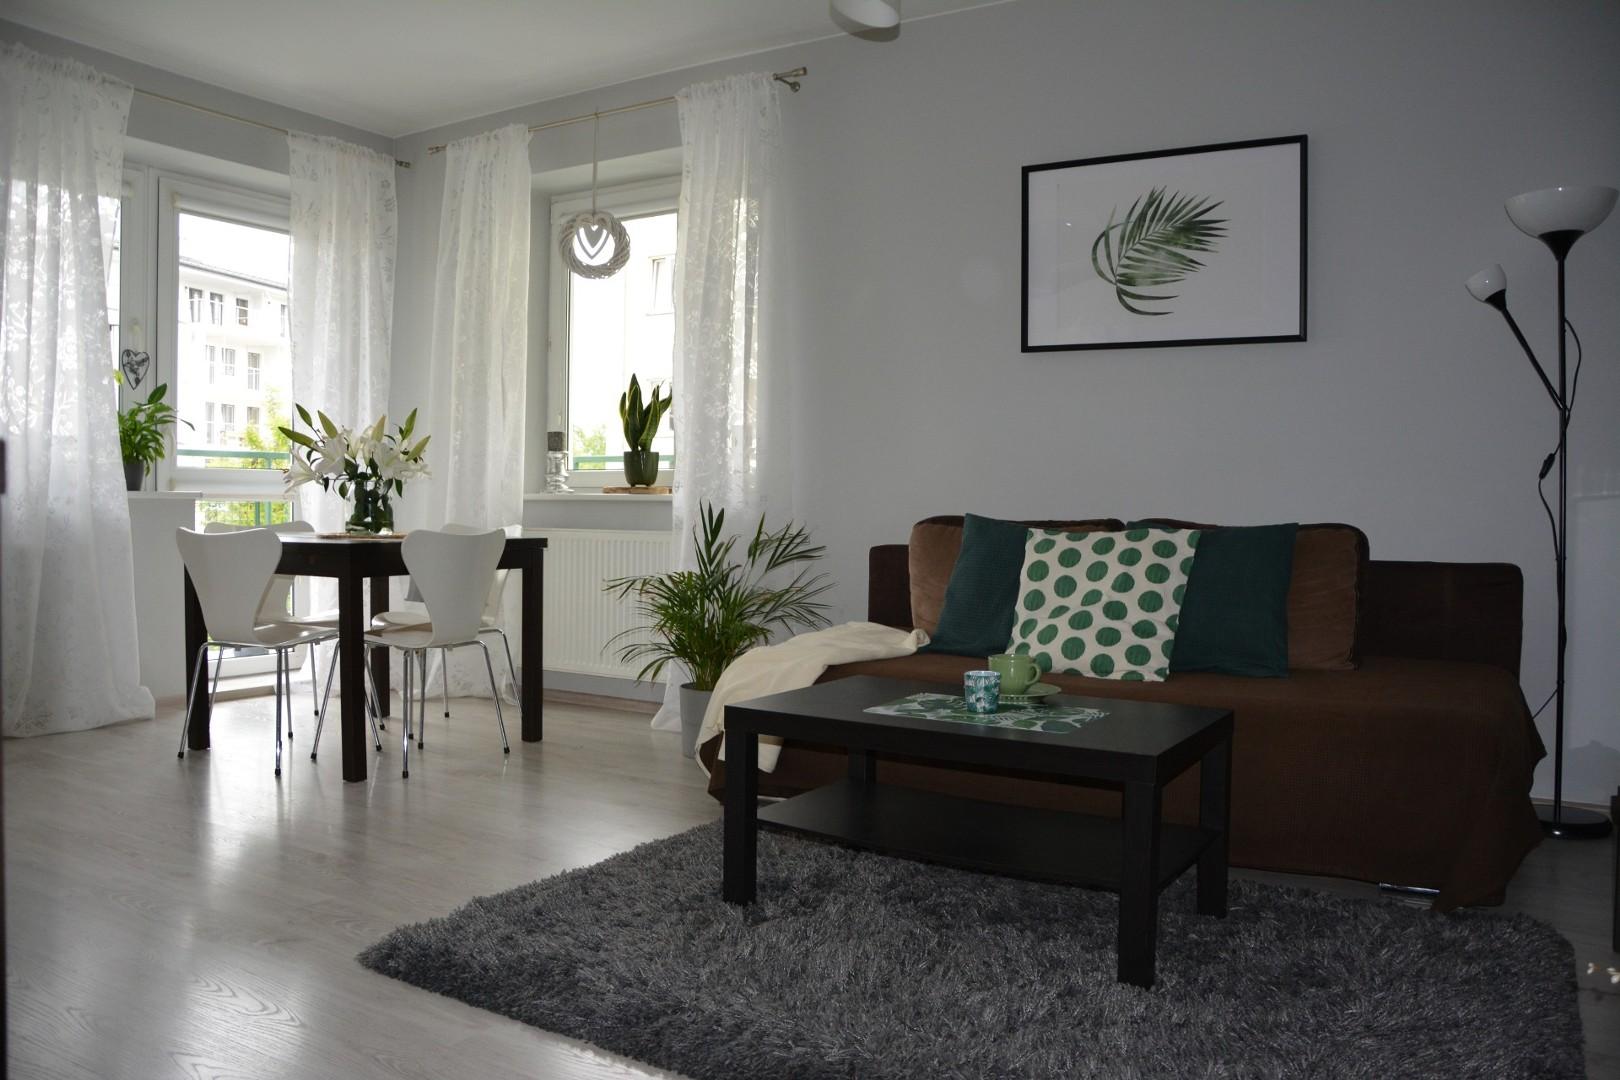 3-комнатная квартира 56 м2, Лодзь